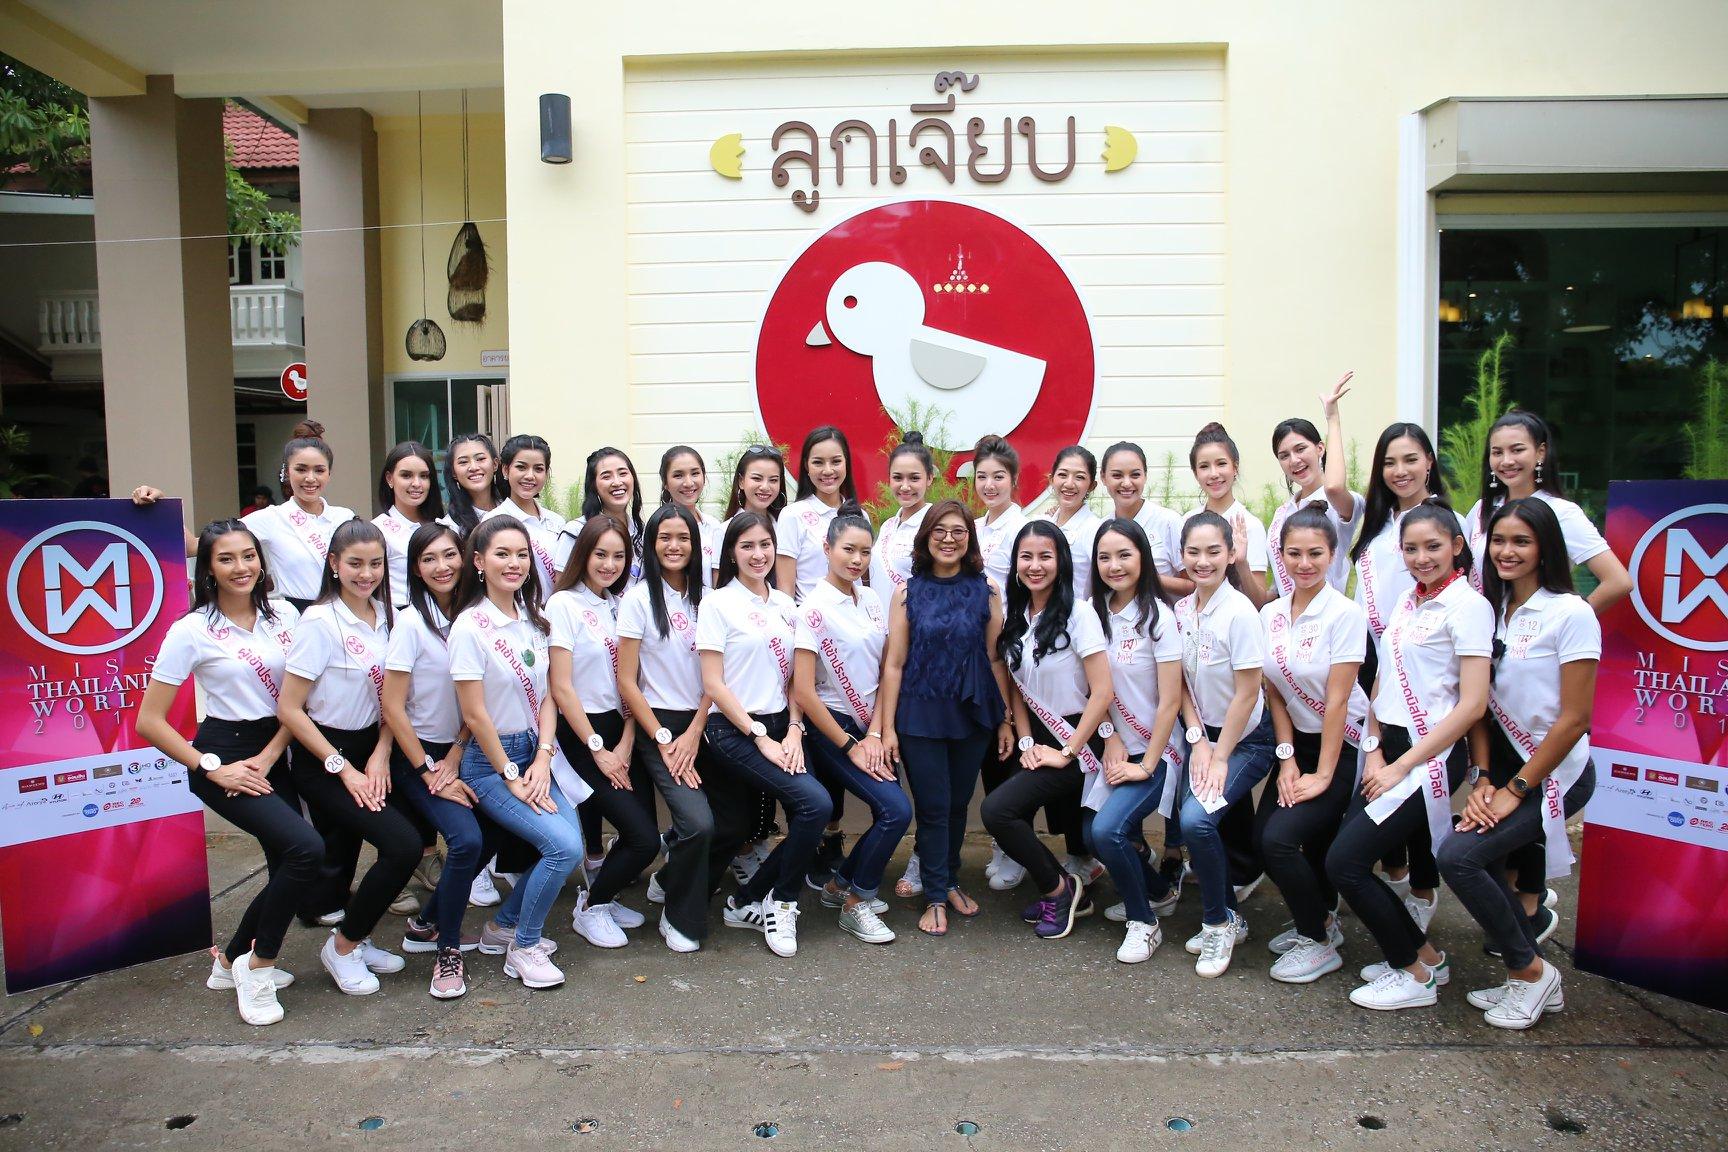 30 ผู้เข้าประกวดมิสไทยแลนด์เวิลด์ 2018 ทำขนมหวาน @ ร้านลูกเจี๊ยบ จังหวัดเพชรบุรี